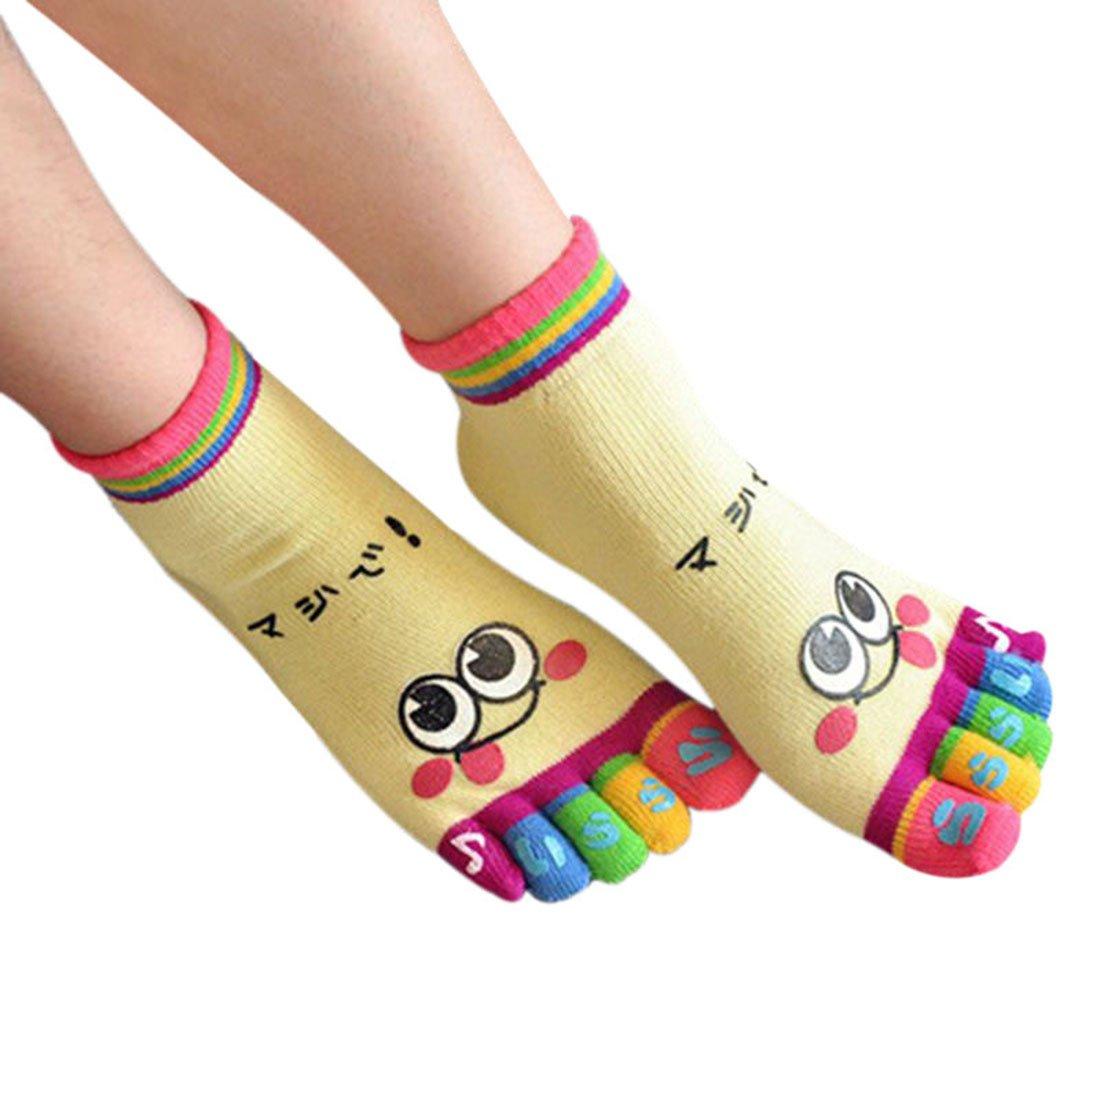 Freahap Children Socks Baby 5 Finger Socks Cotton Toe Socks for Kids Grey